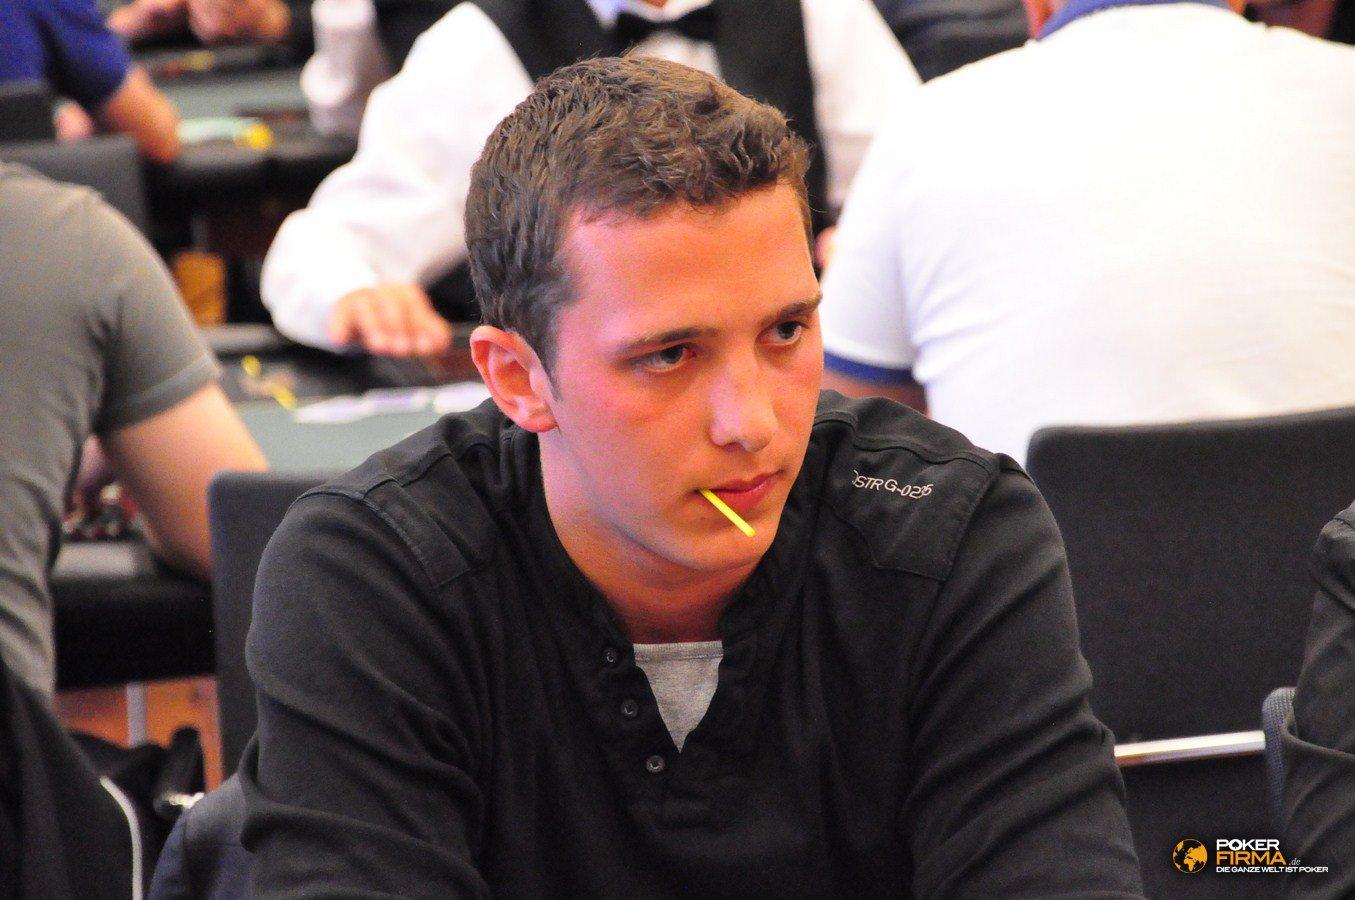 CAPT-Velden-2012-Main-Event-167.JPG